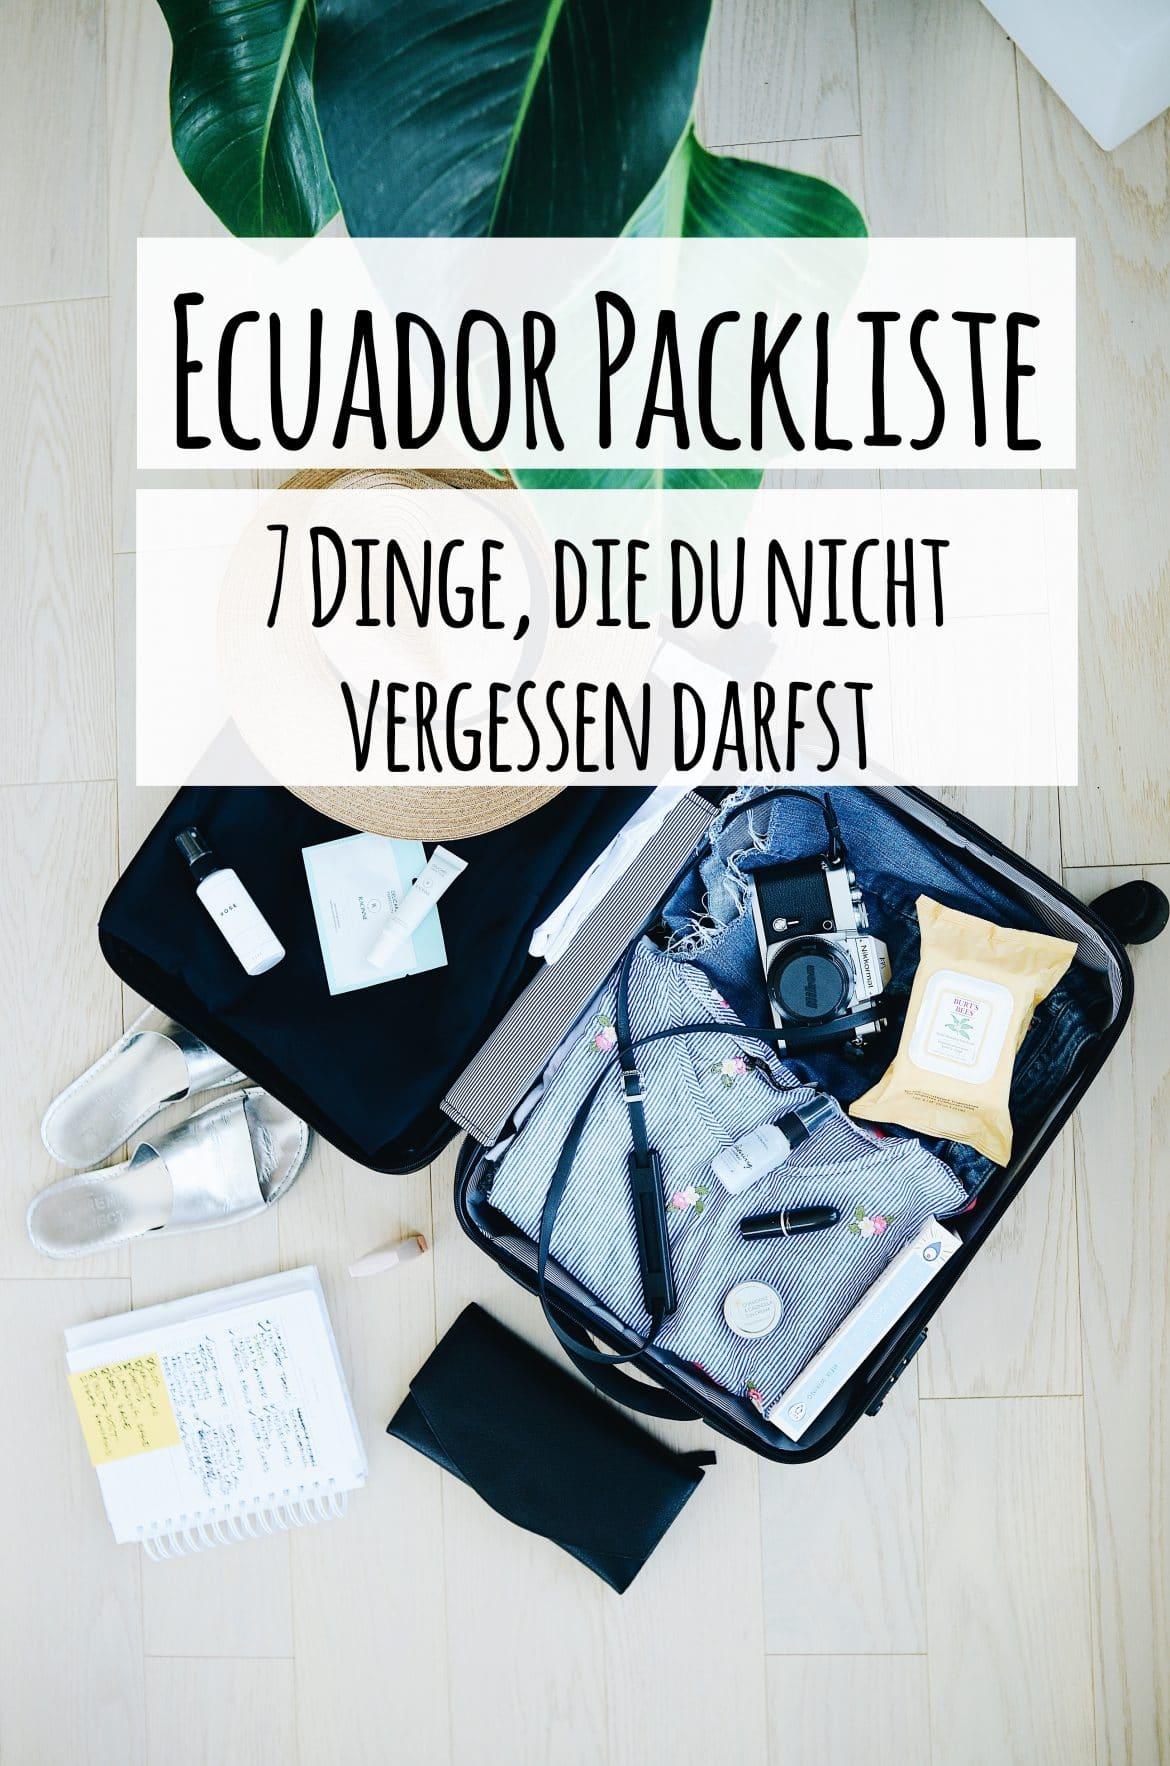 PASSENGER X verrät dir die perfekte Packliste für Ecuador. Mit dabei: 7 Dinge, die du auf keinen Fall vergessen darfst!